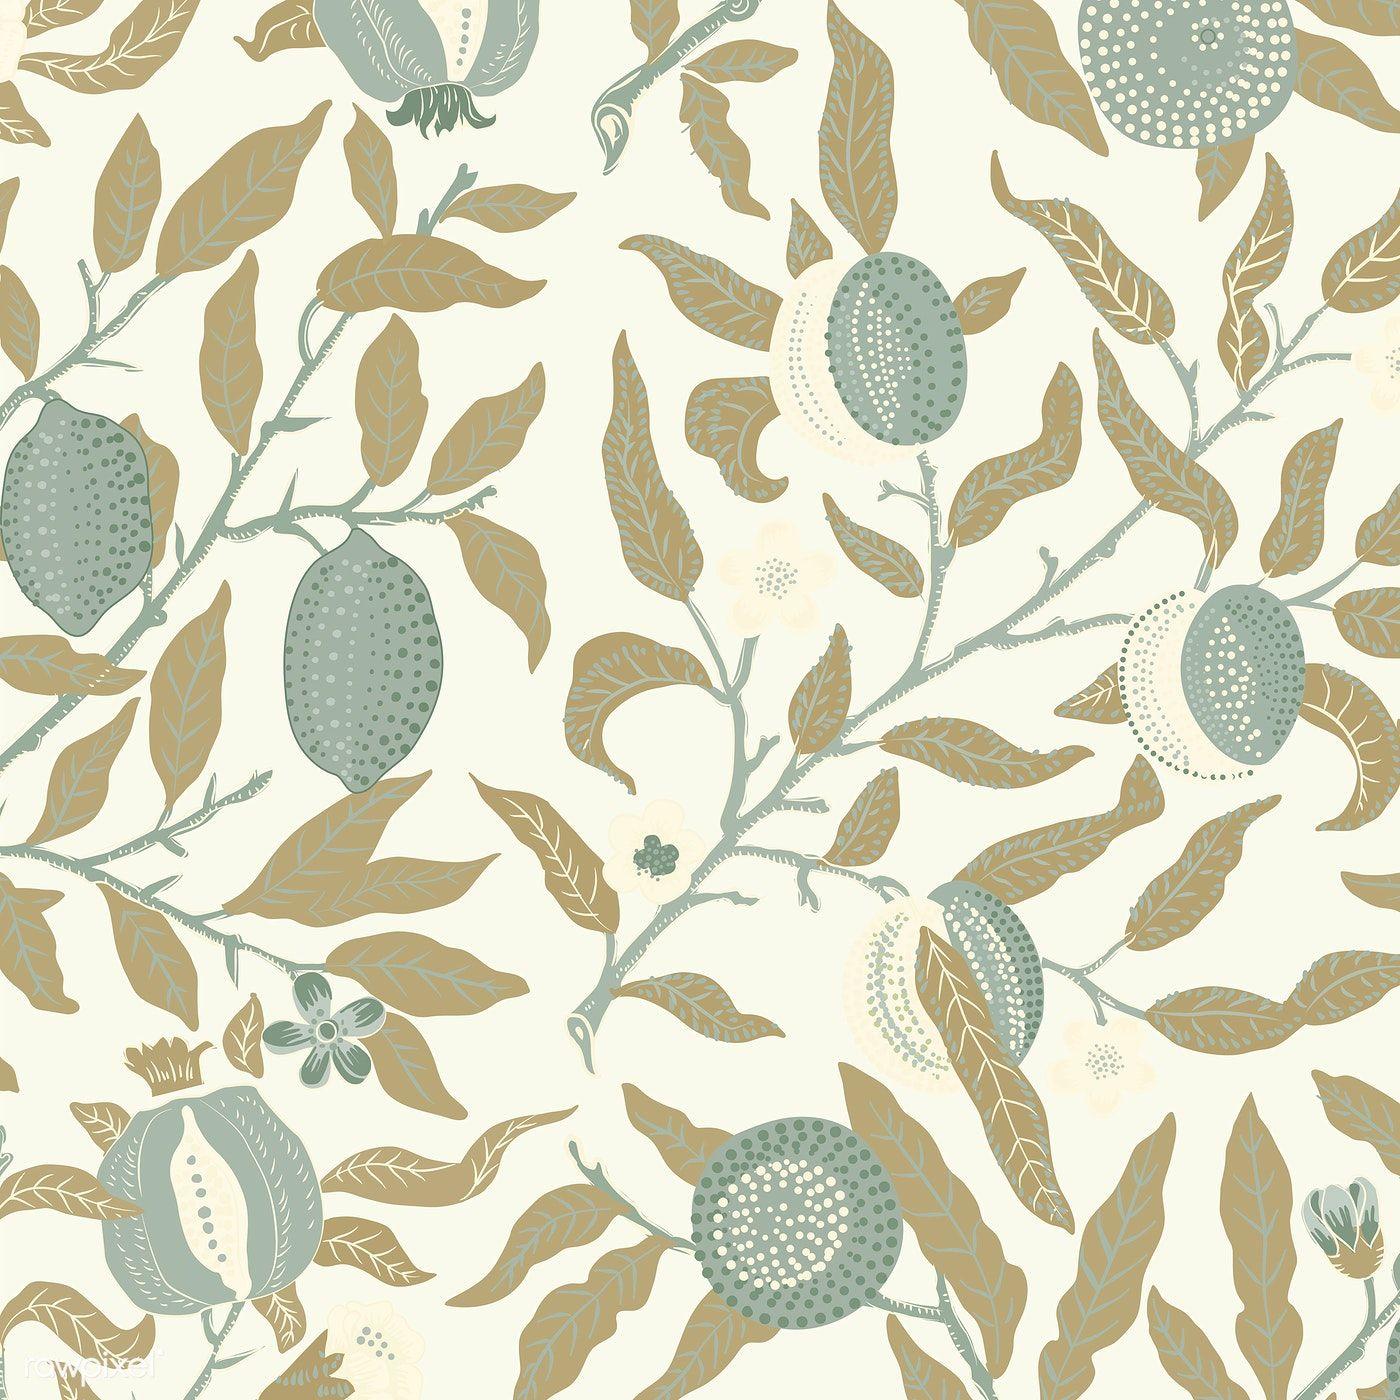 Download Premium Vector Of Vintage Illustration Of Fruit Or Pomegranate Vintage Illustration William Morris Patterns Illustration